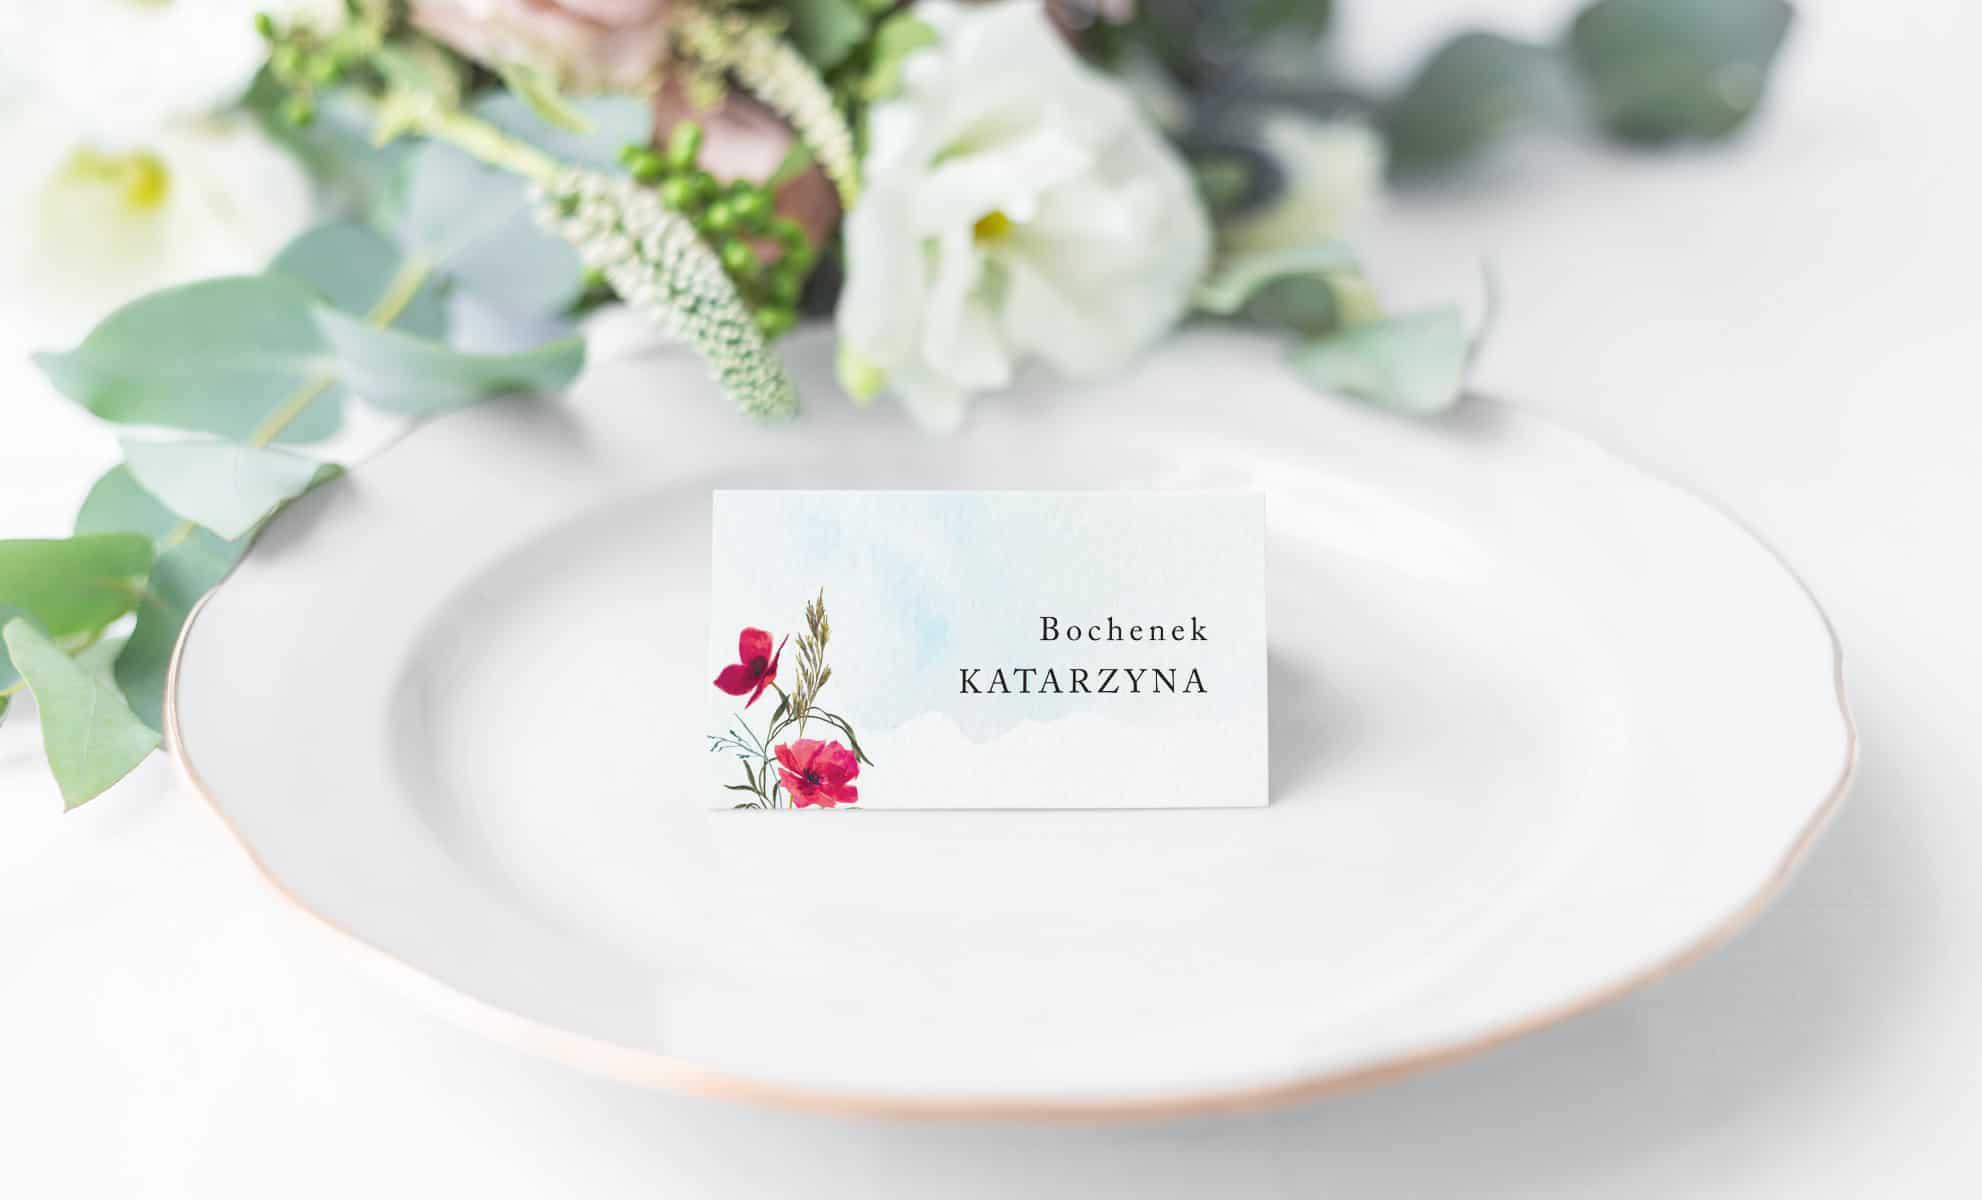 Winietki z imionami gości na stoły, polne kwiaty i maki